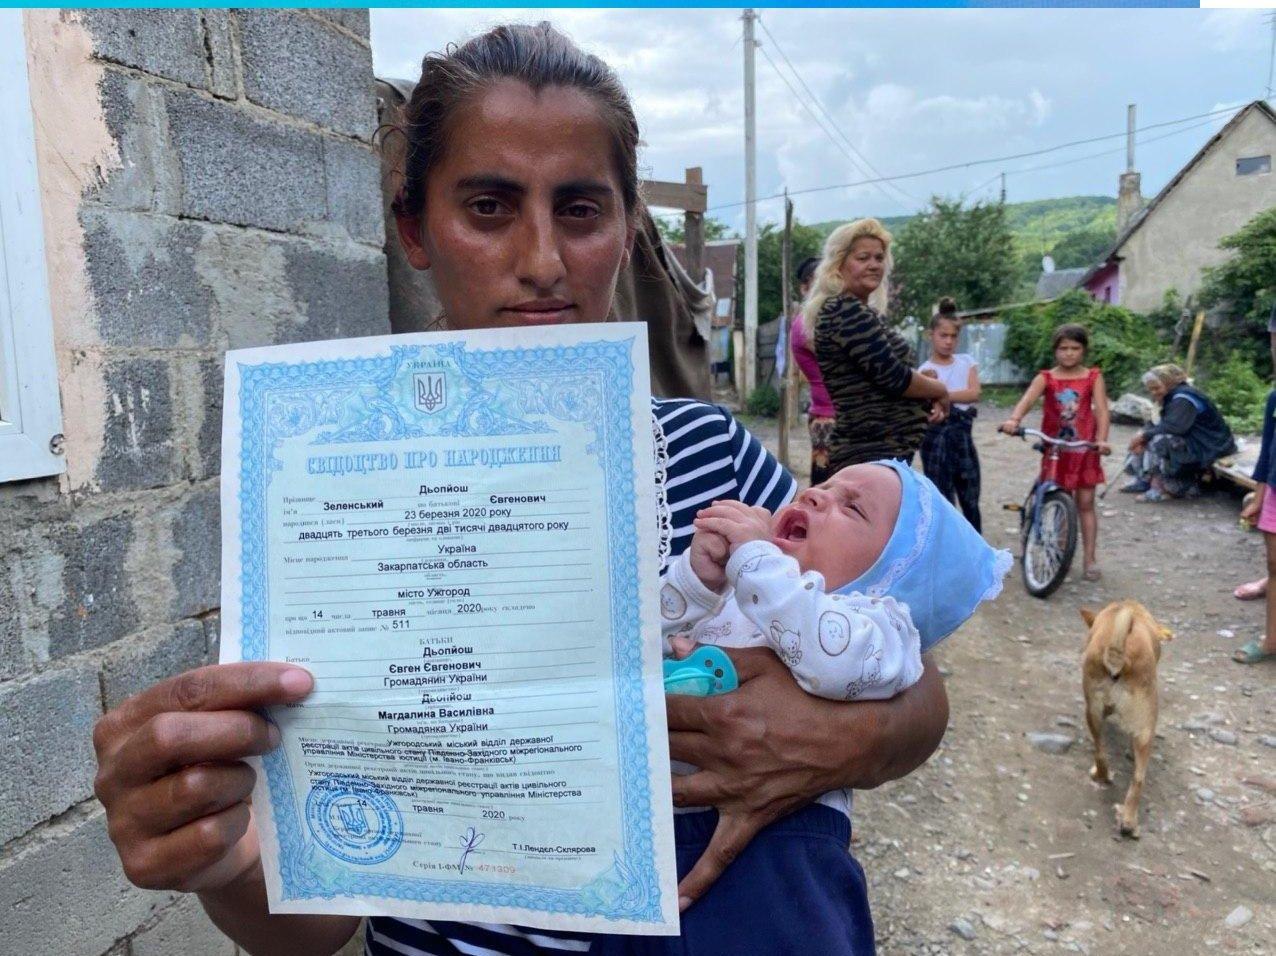 В Україні батьки назвали сина Зеленський: в Мережі вже жаліють малюка